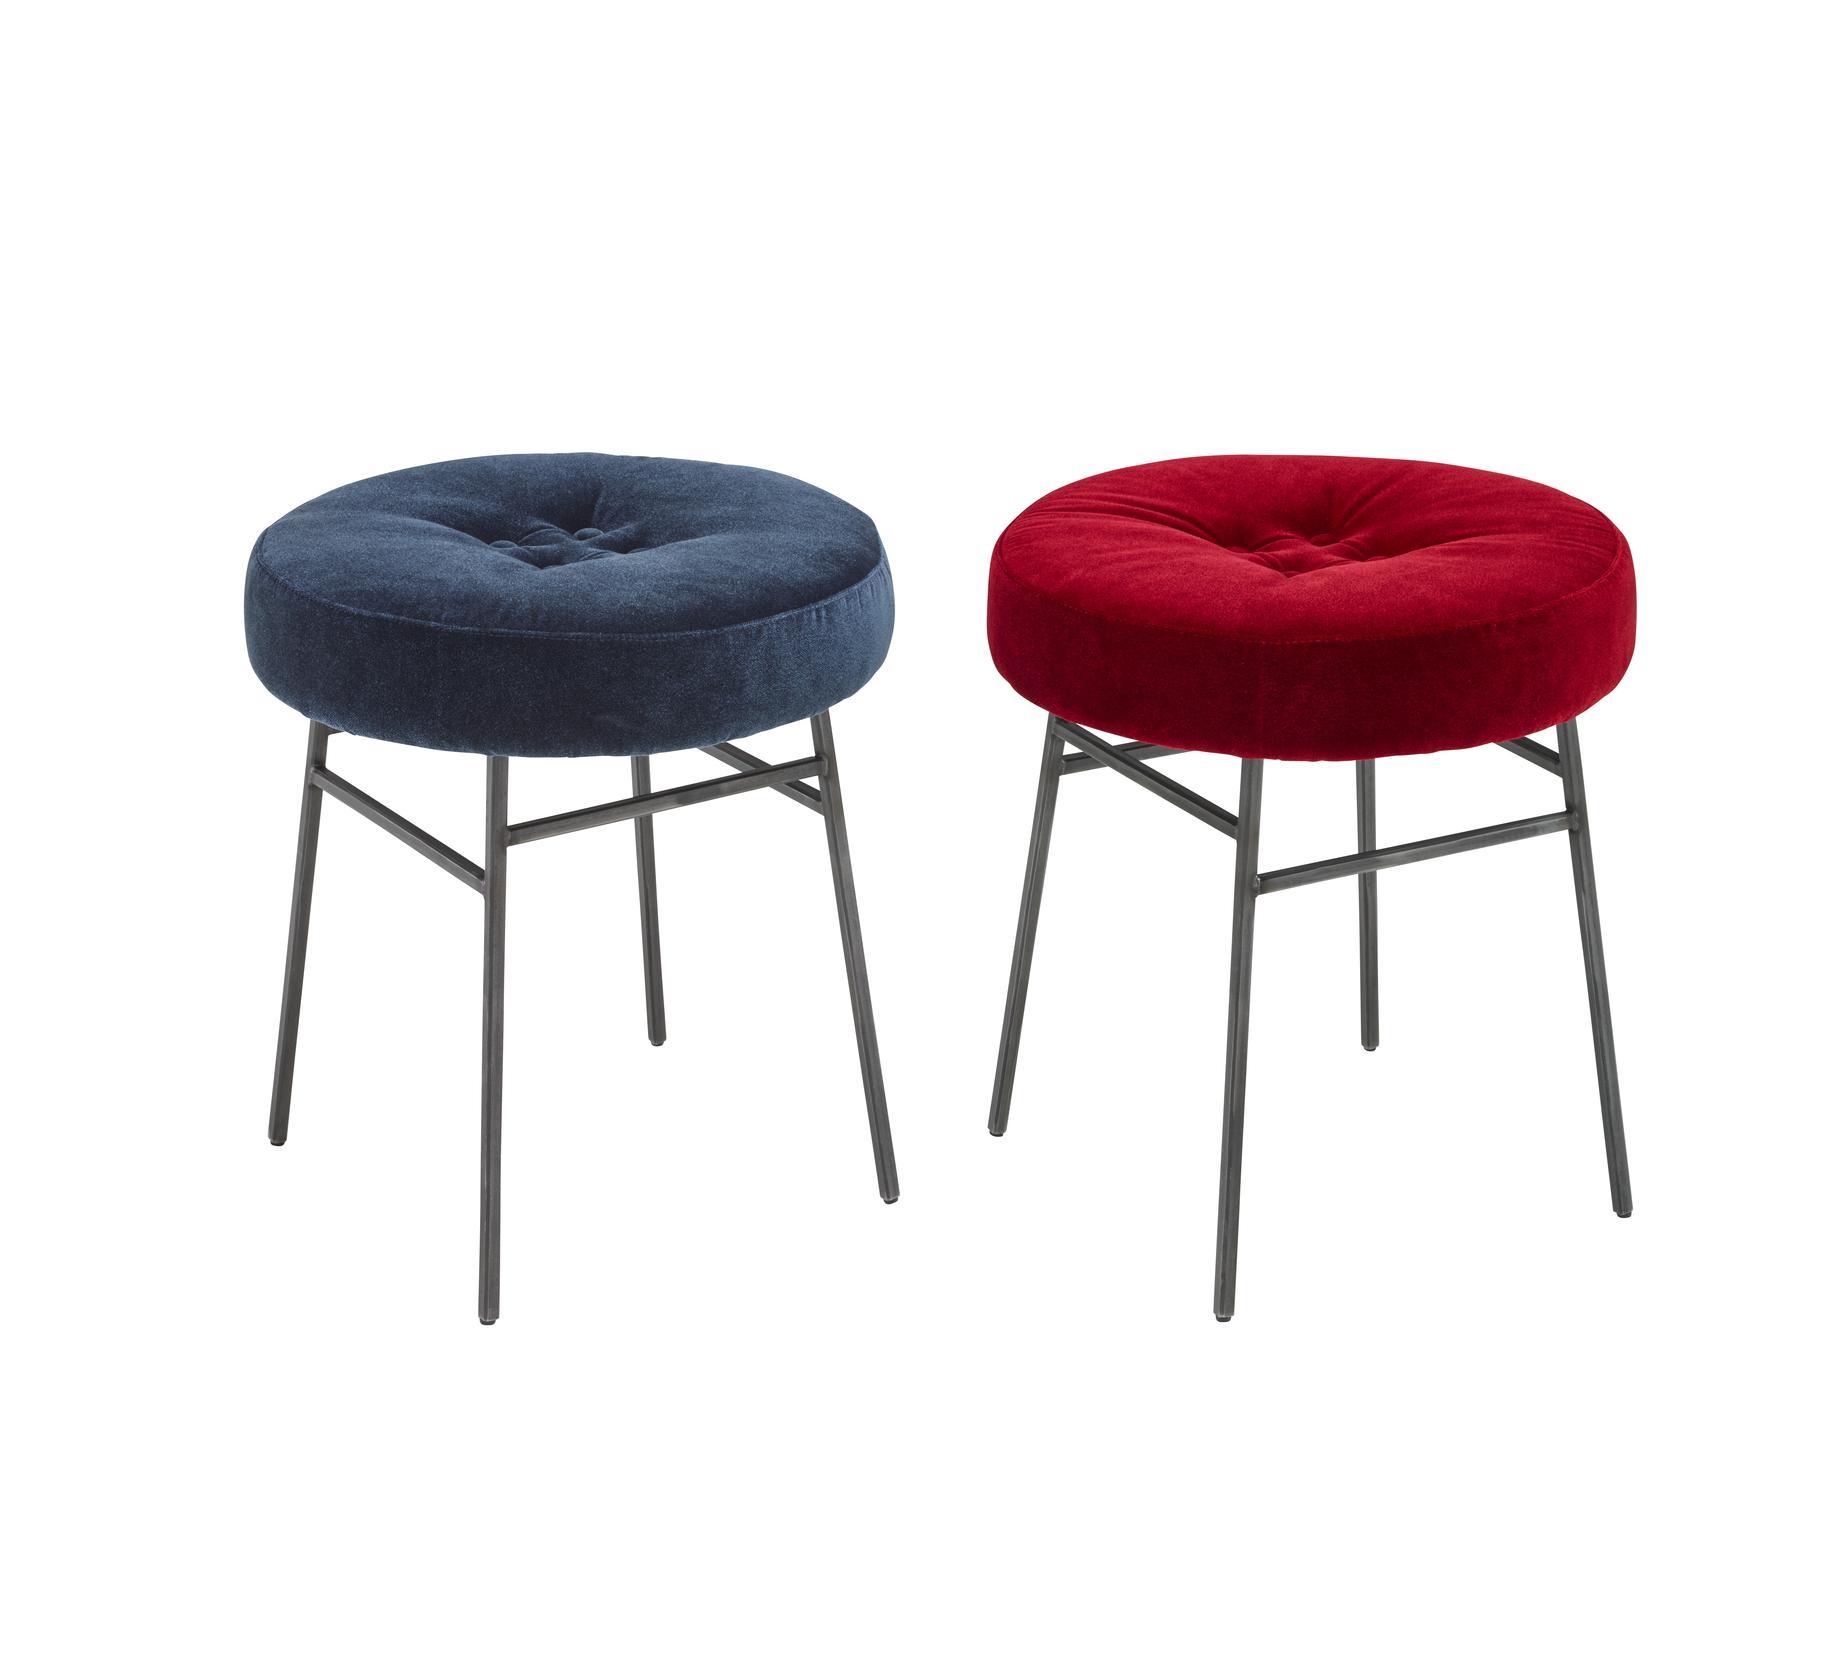 ilot chaises du designer amaury poudray ligne roset site officiel. Black Bedroom Furniture Sets. Home Design Ideas